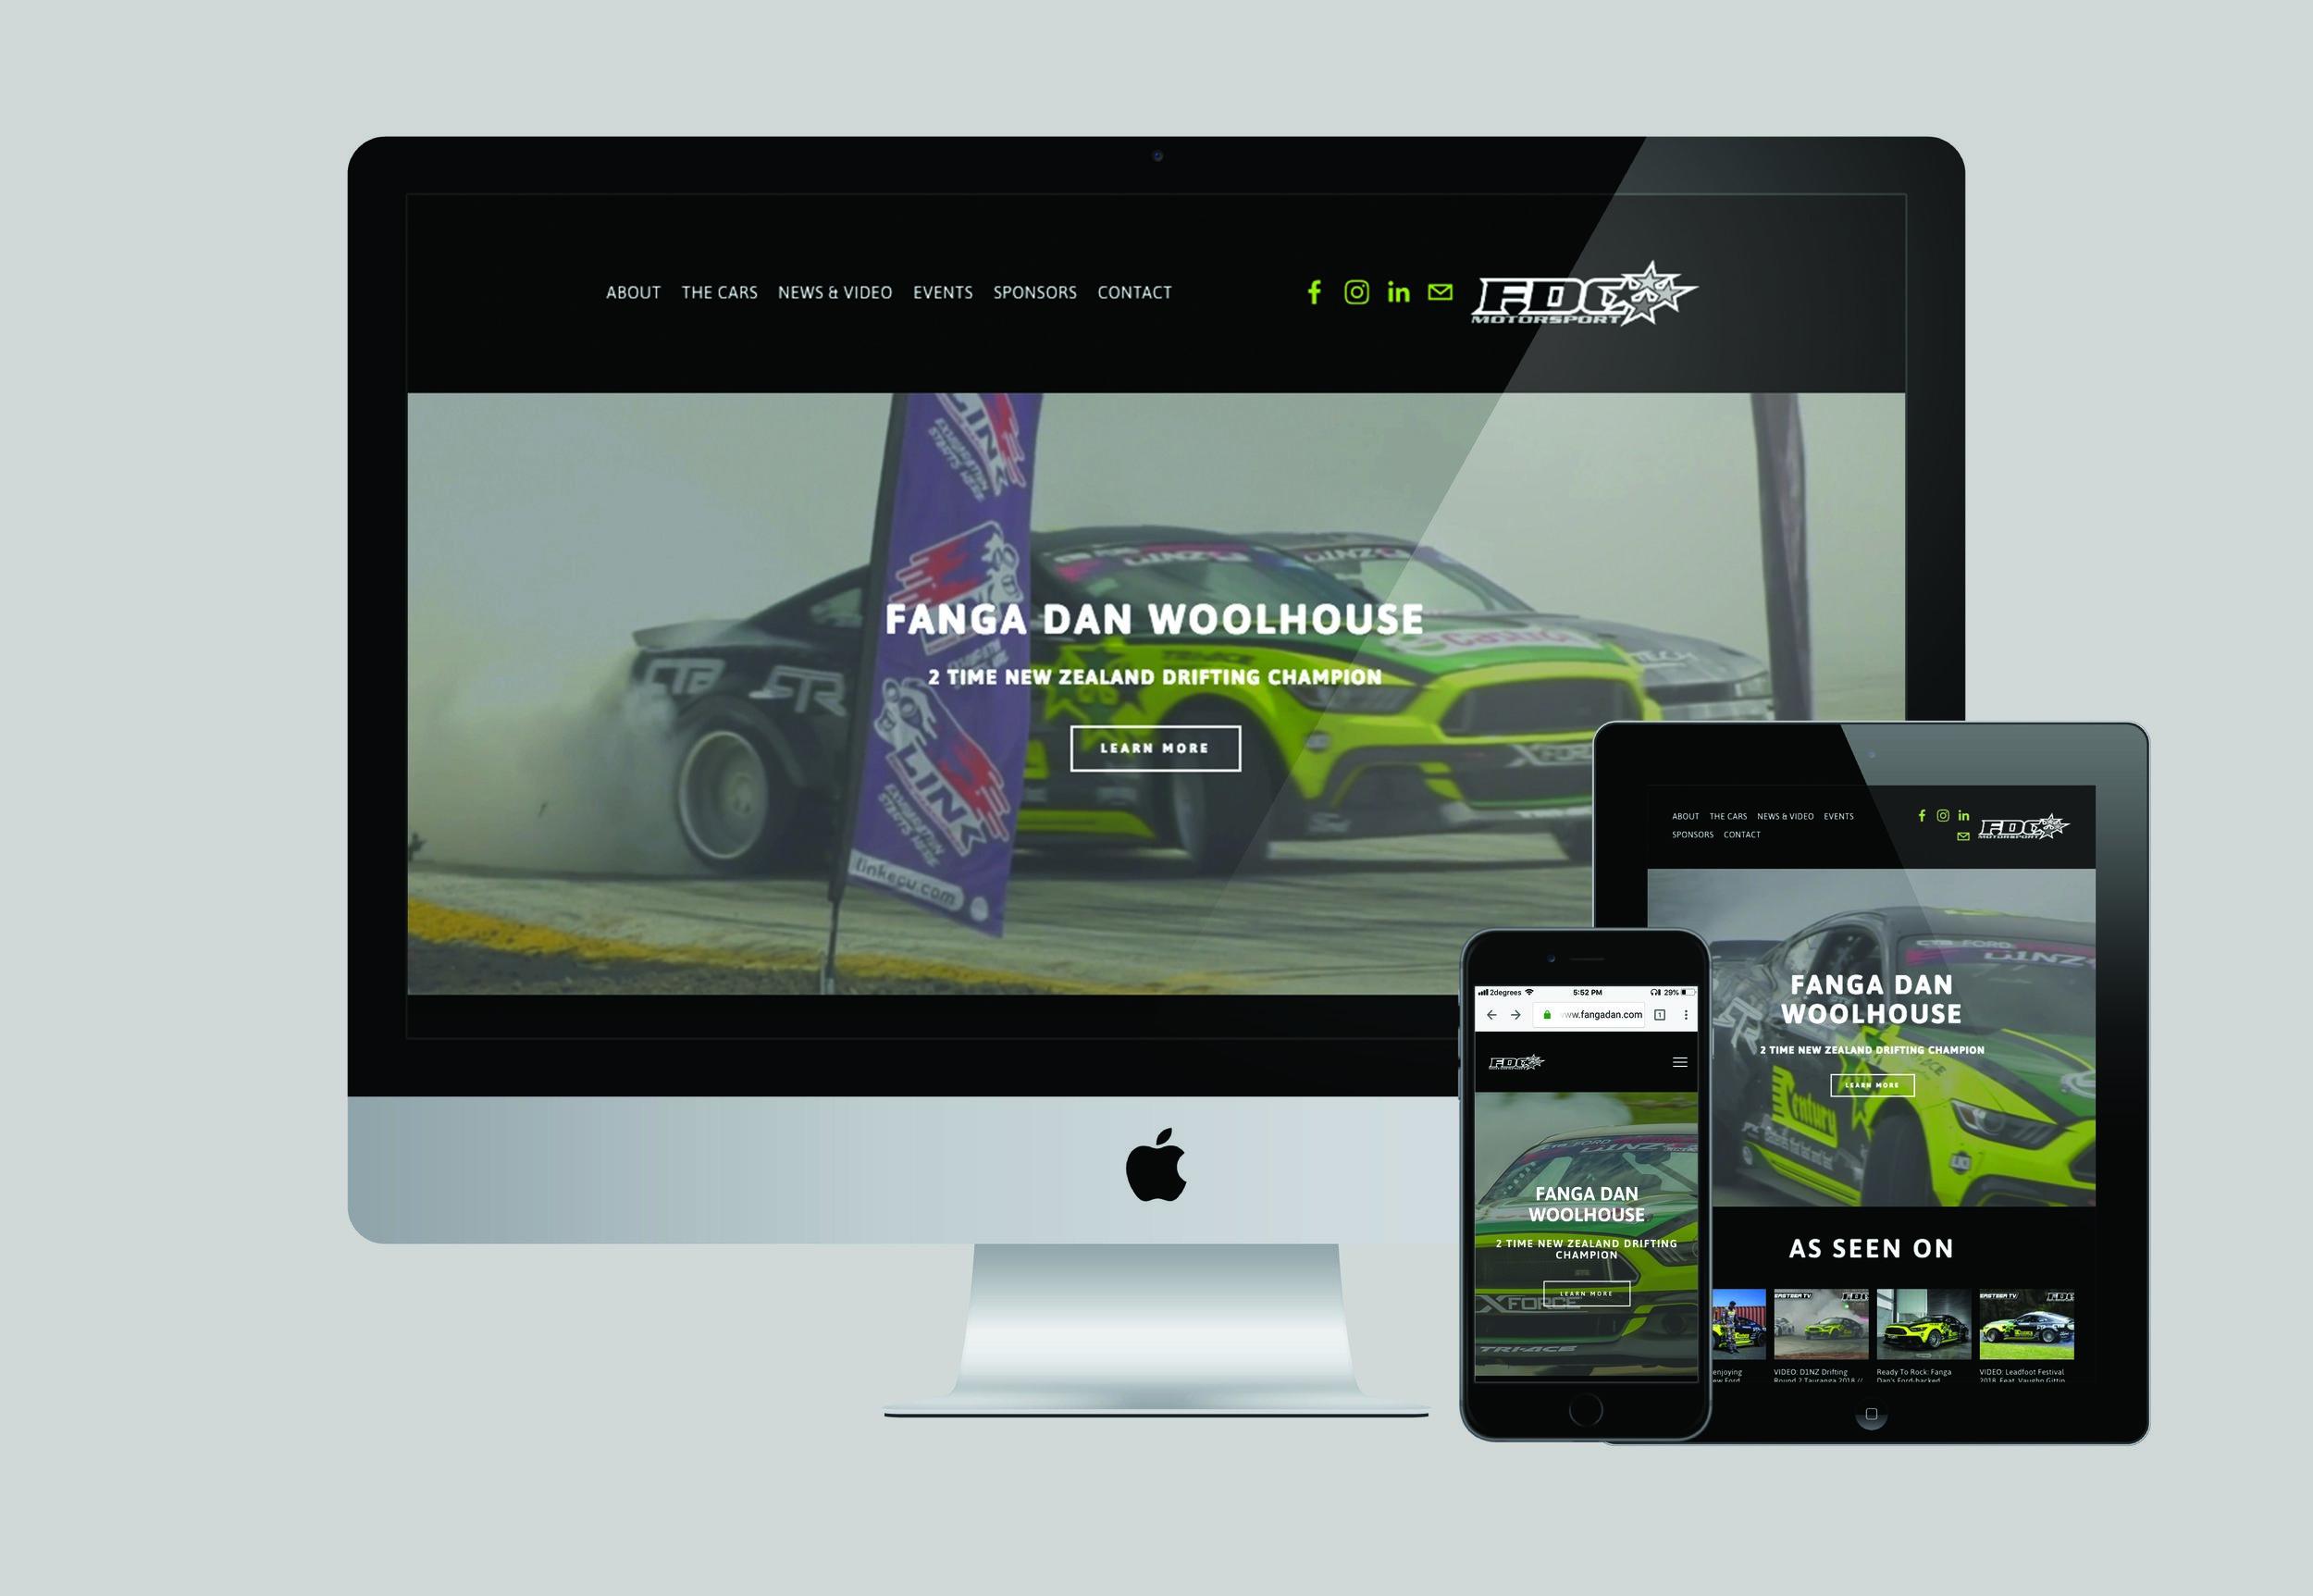 Fanga Dan Woolhouse Website Design | Honey Pot Digital